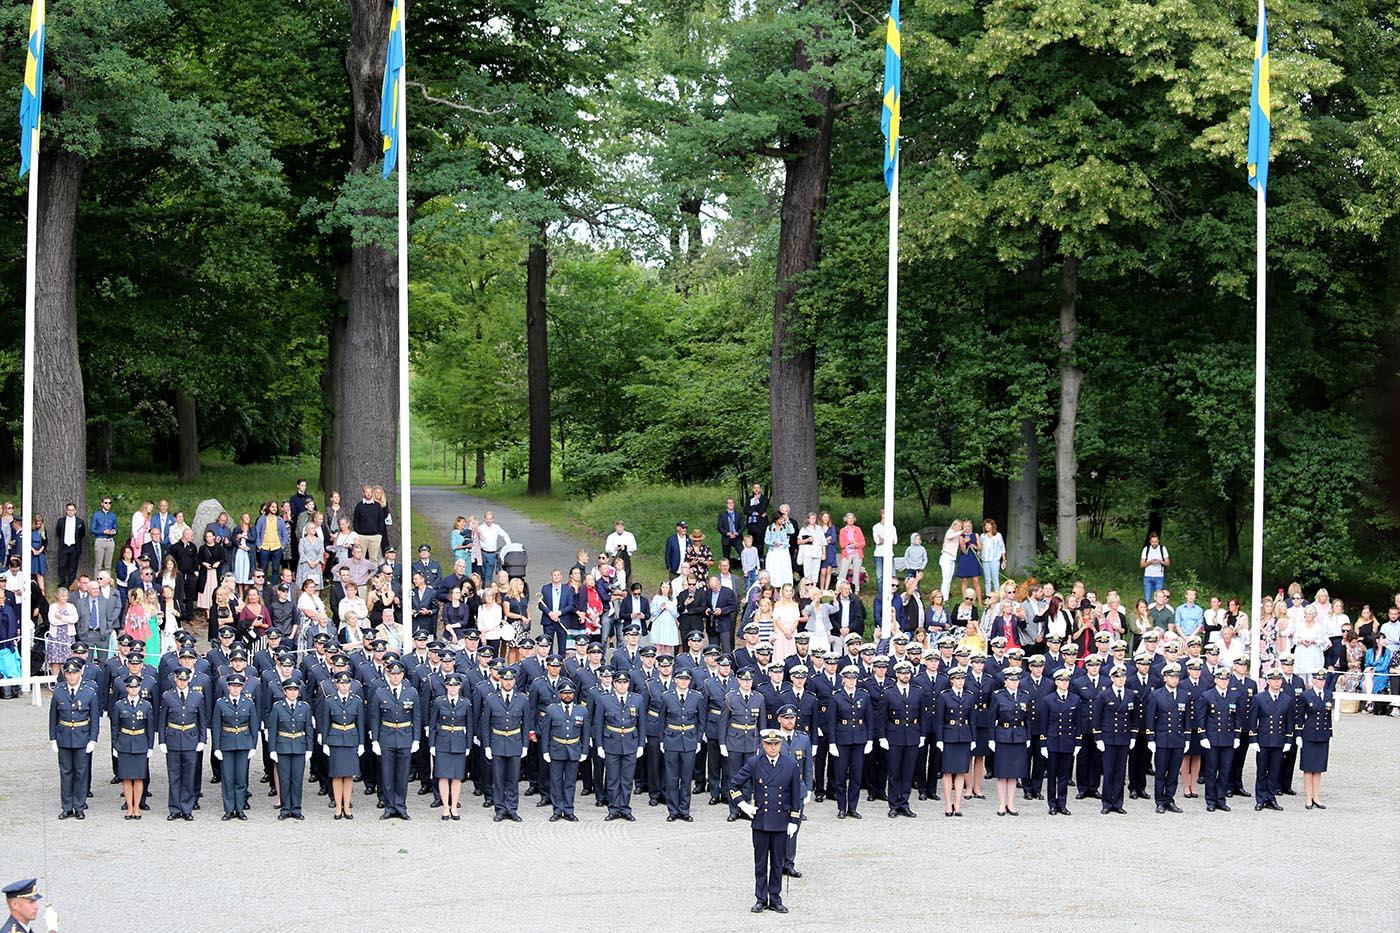 Officer – ett mångfacetterat yrke med krav på såväl praktiska som intellektuella färdigheter. Som konsekvens är officersutbildningens innehåll av stor vikt att diskutera och reflektera över. Foto: Niklas Englund, Försvarsmakten.